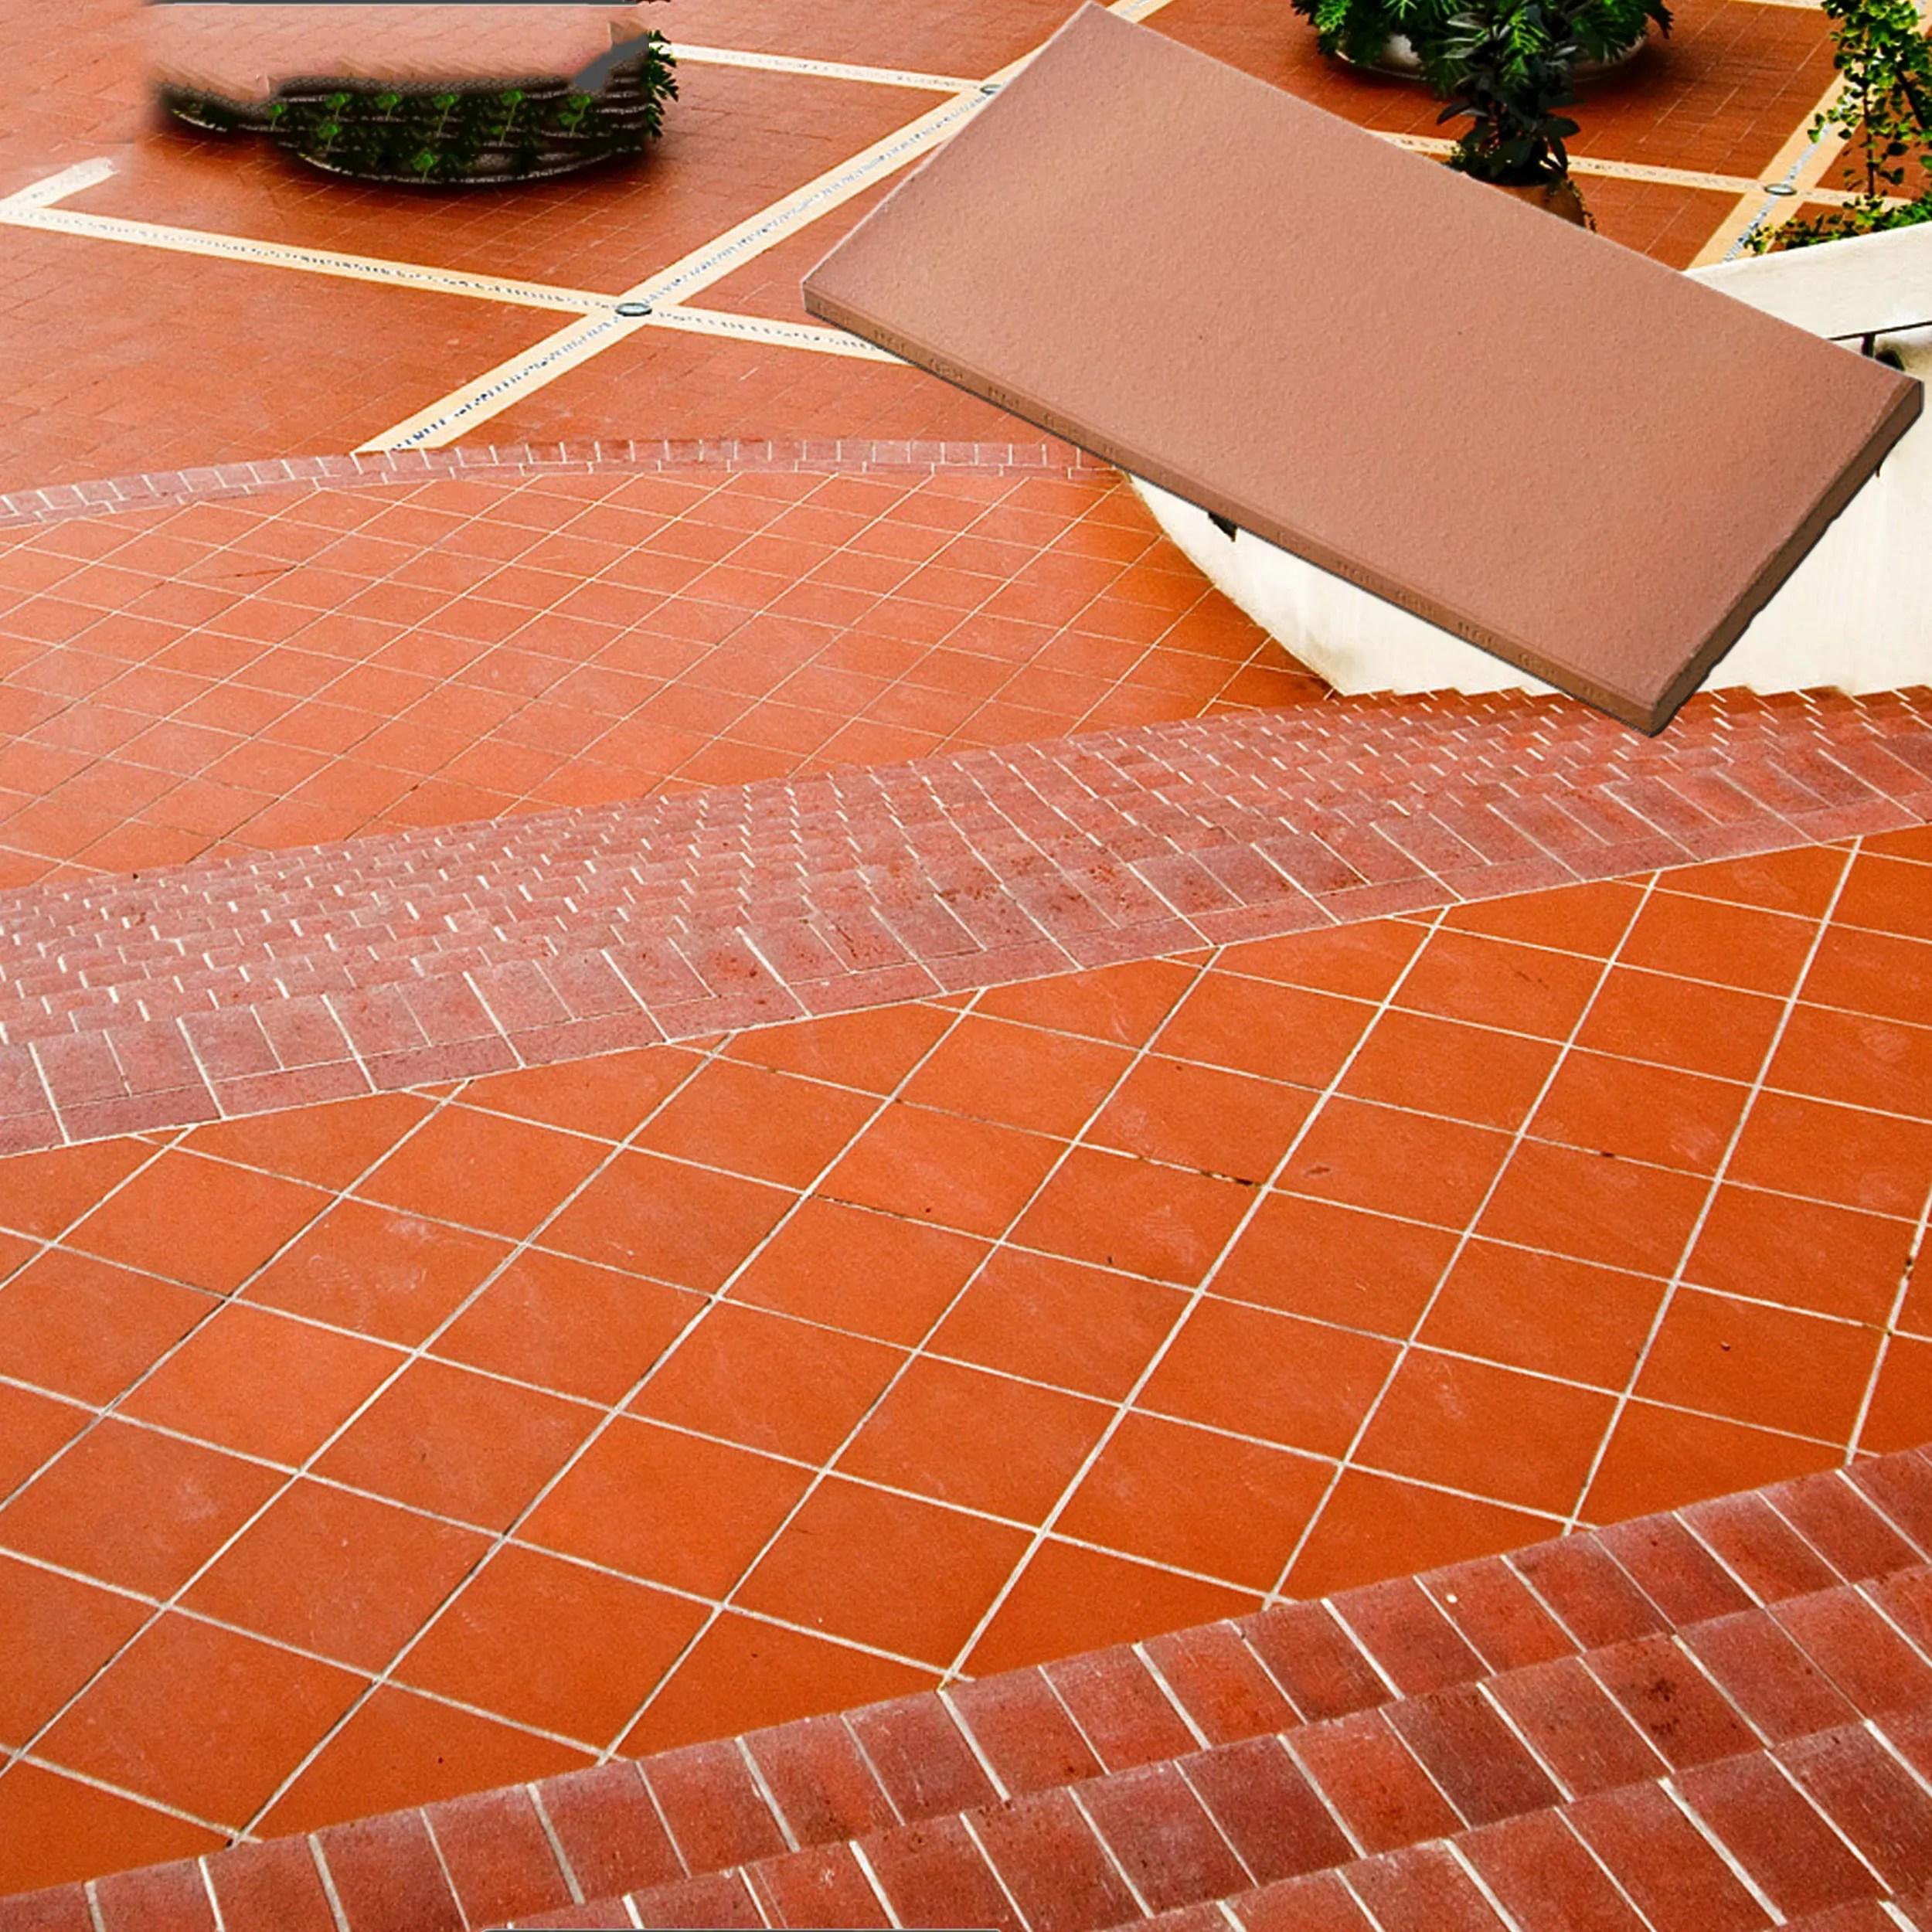 spanish non slip red terracotta floor tile designs buy red terracotta tile terracotta floor tile designs non slip terracotta tile product on